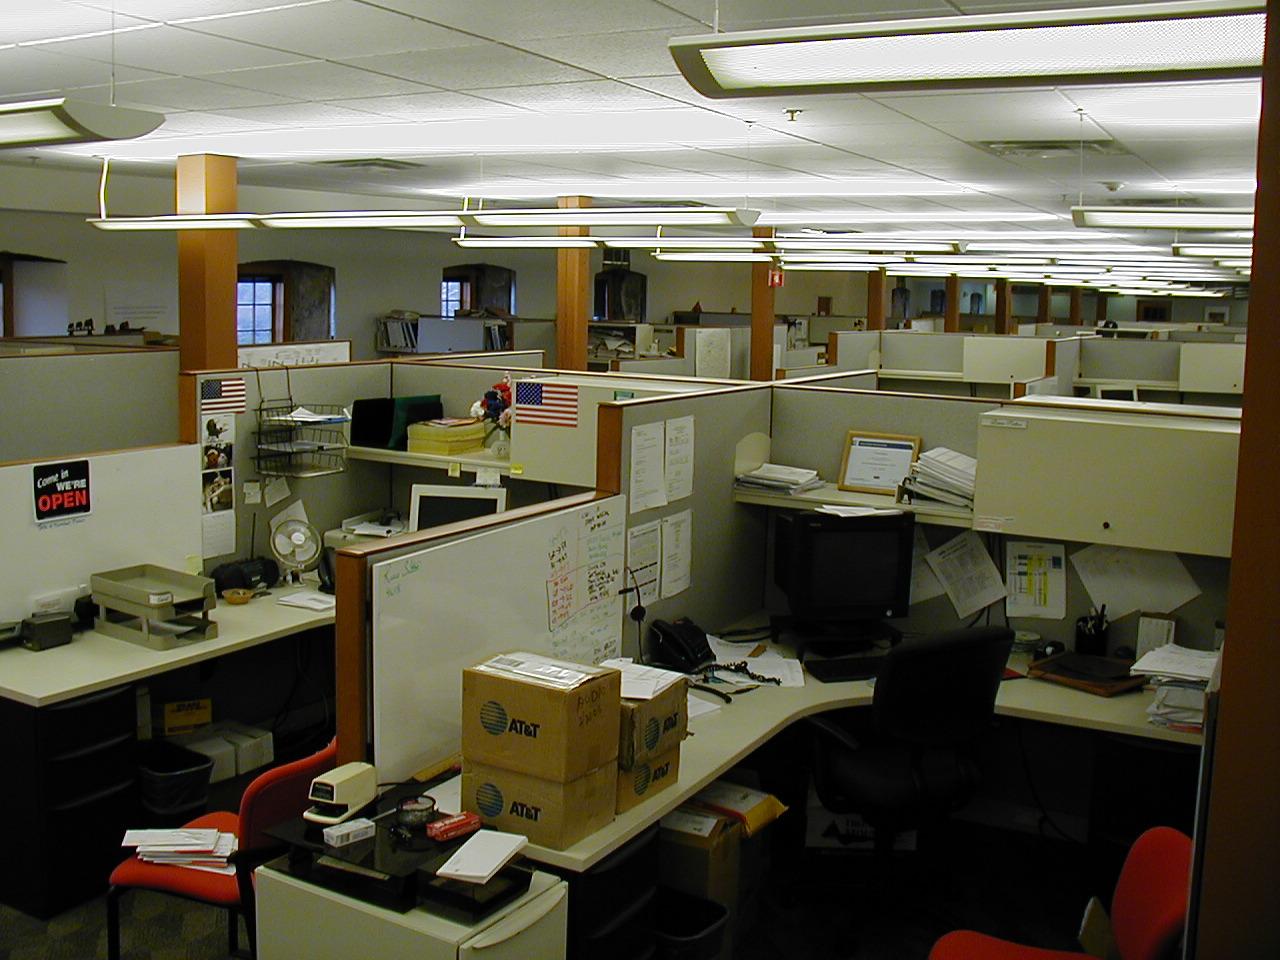 cubicals